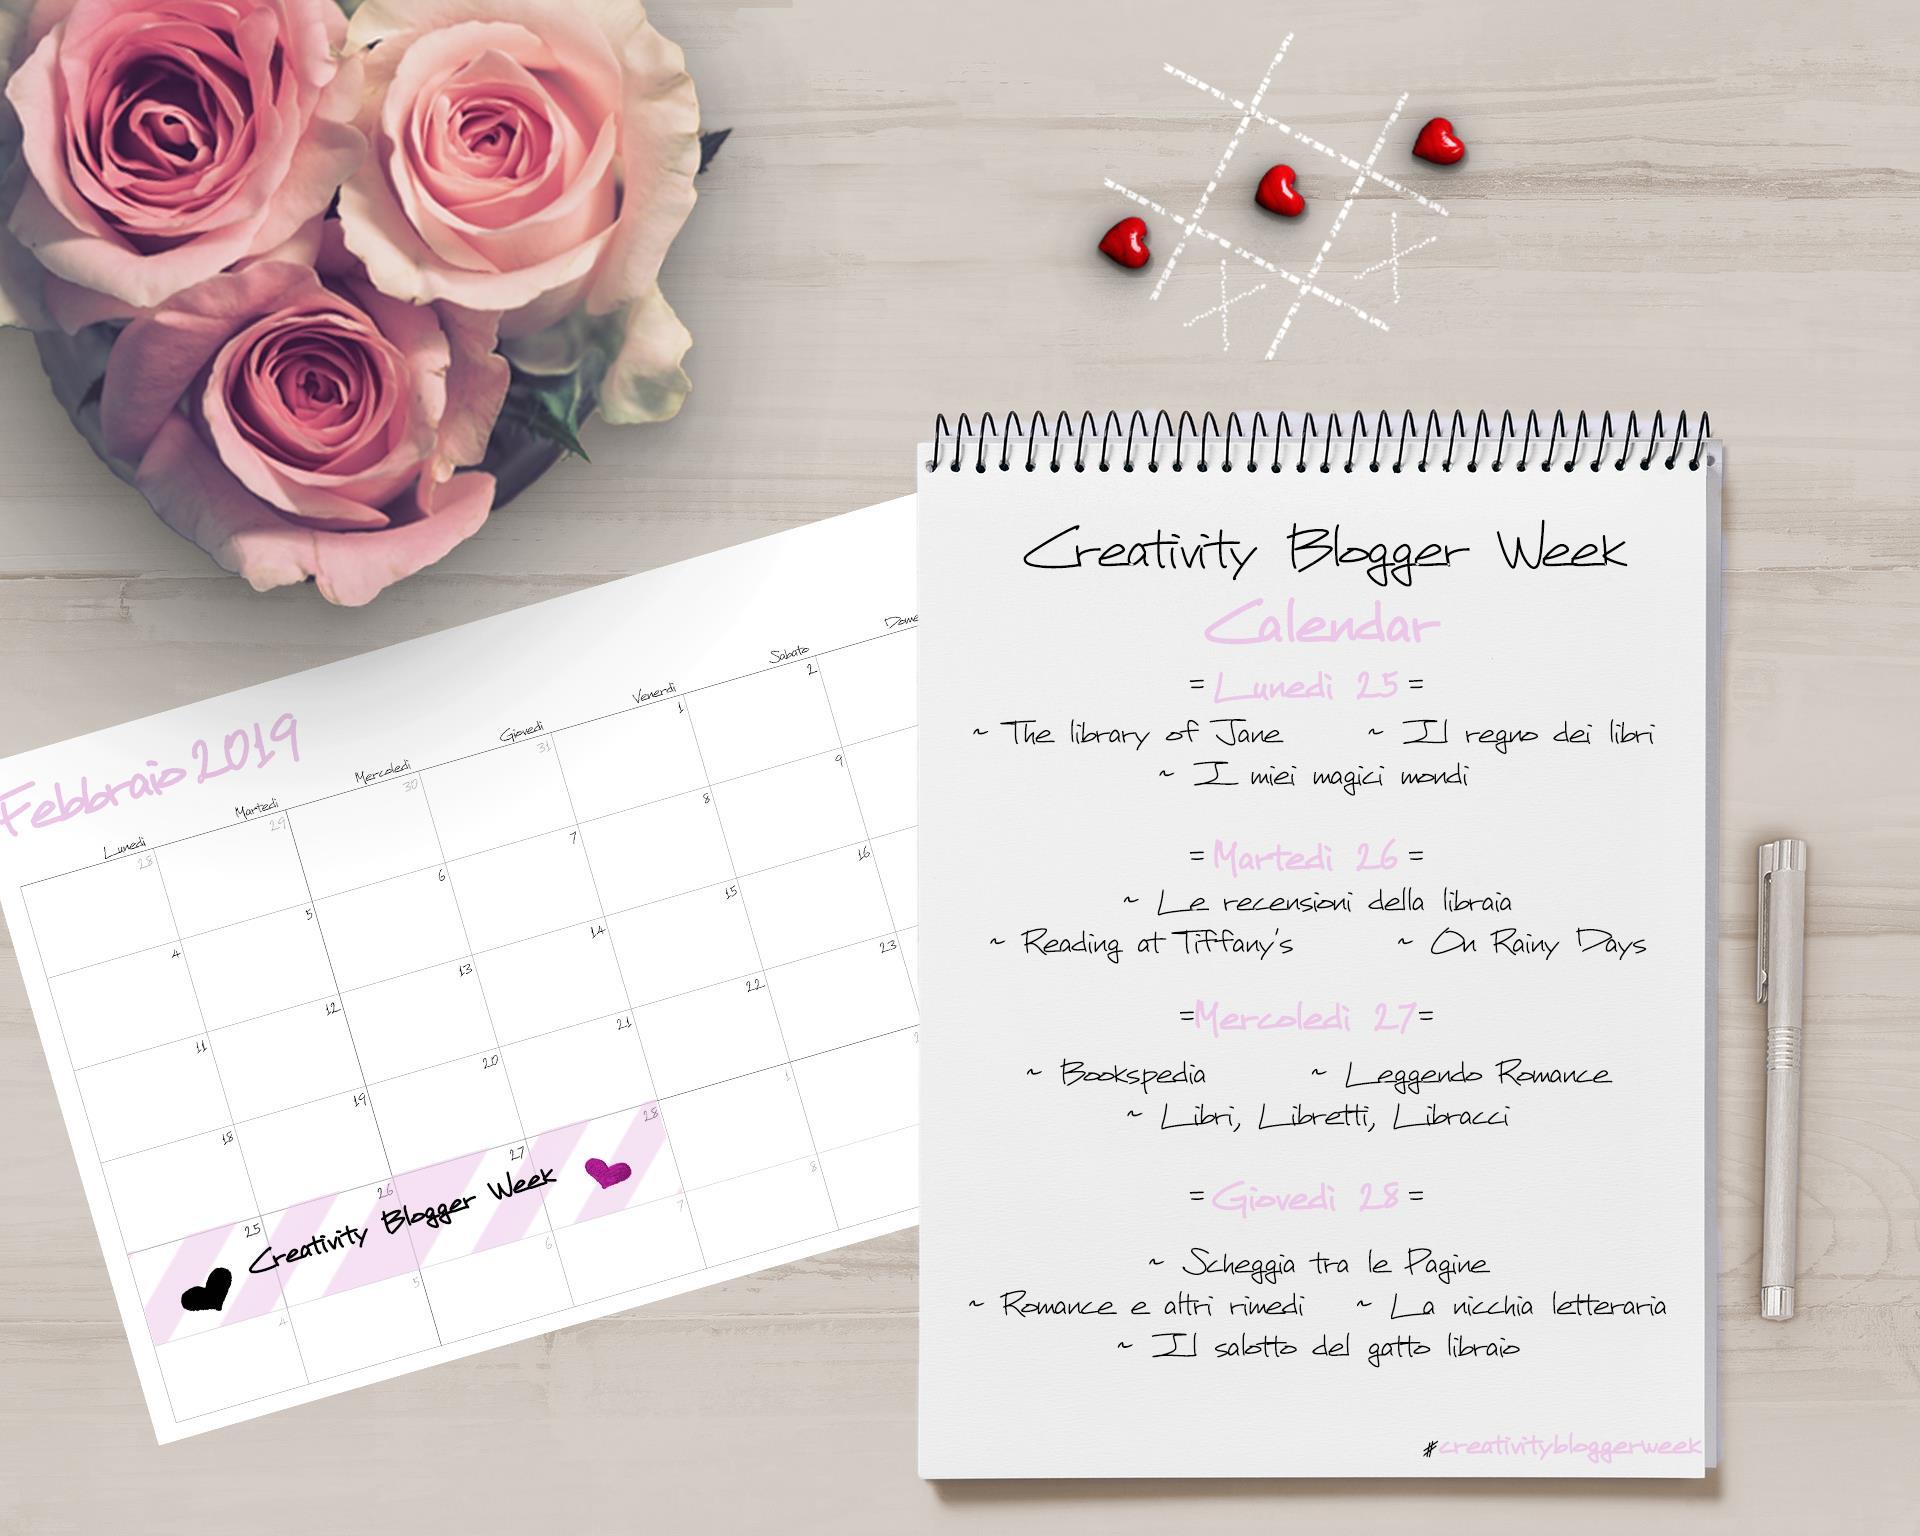 Creativity Blogger Week Rubrica mensile l'amore è dolce